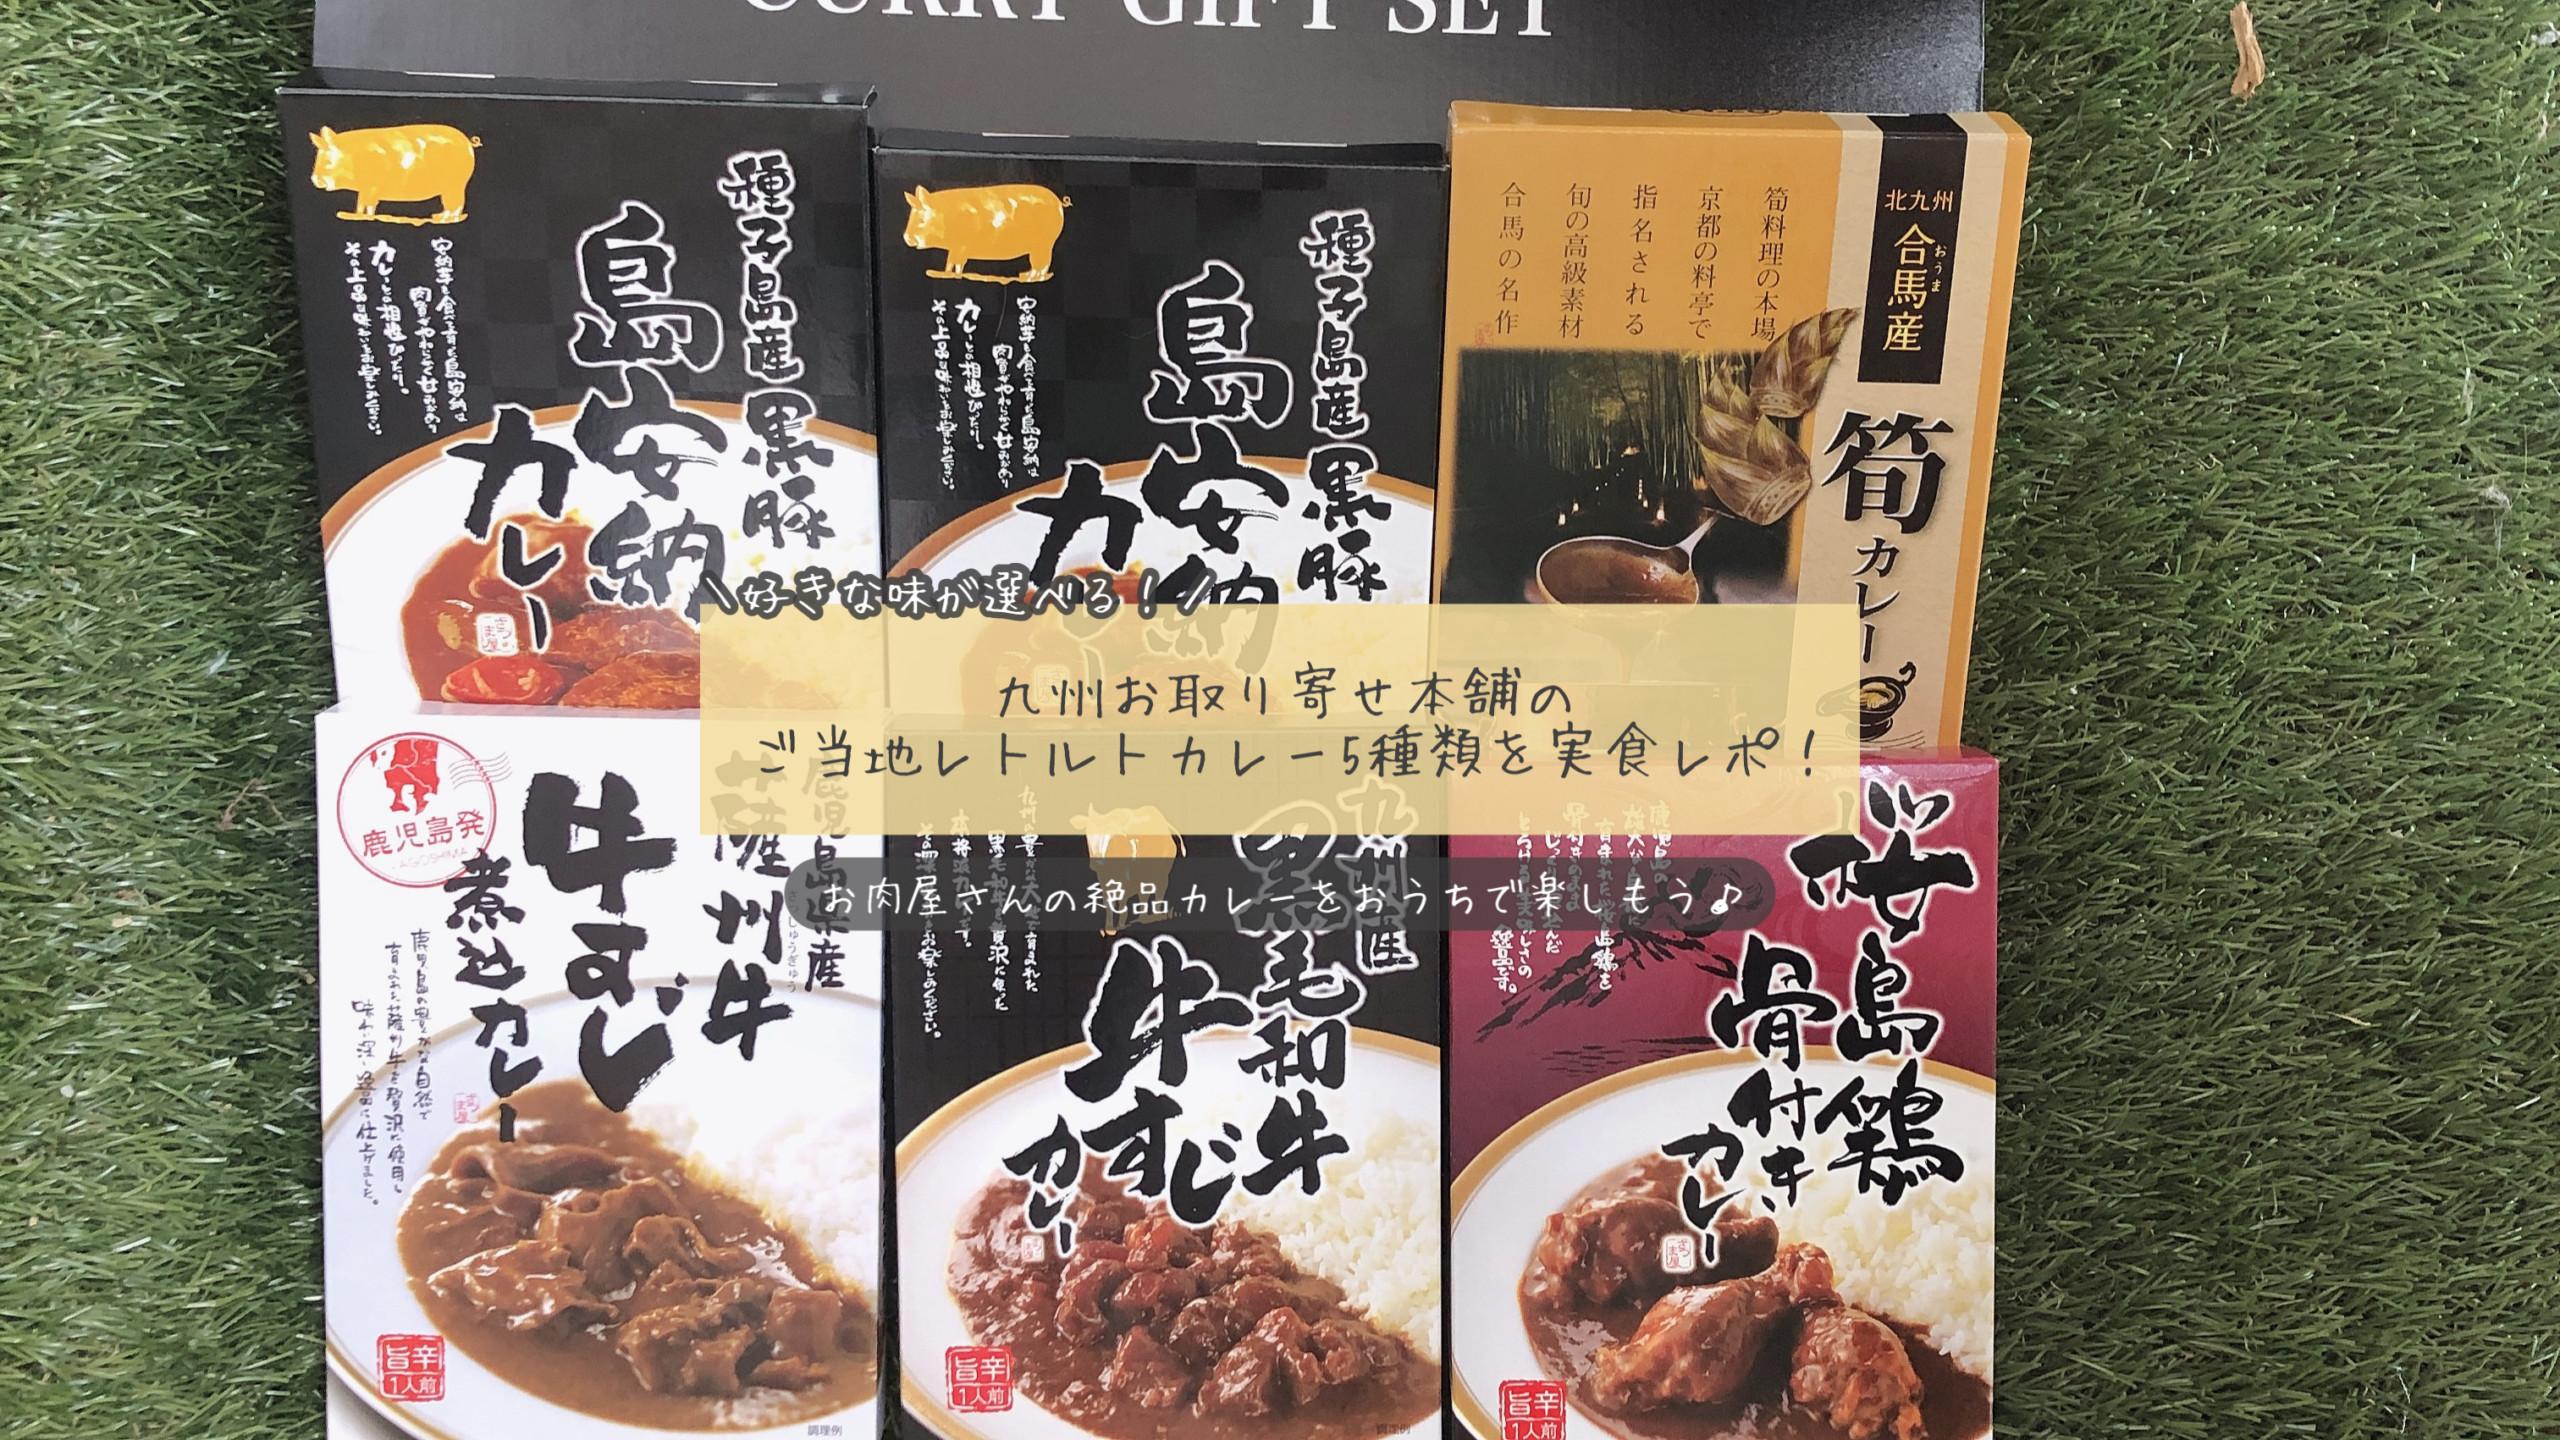 九州お取り寄せ本舗のご当地レトルトカレー5種類を実食レポ!